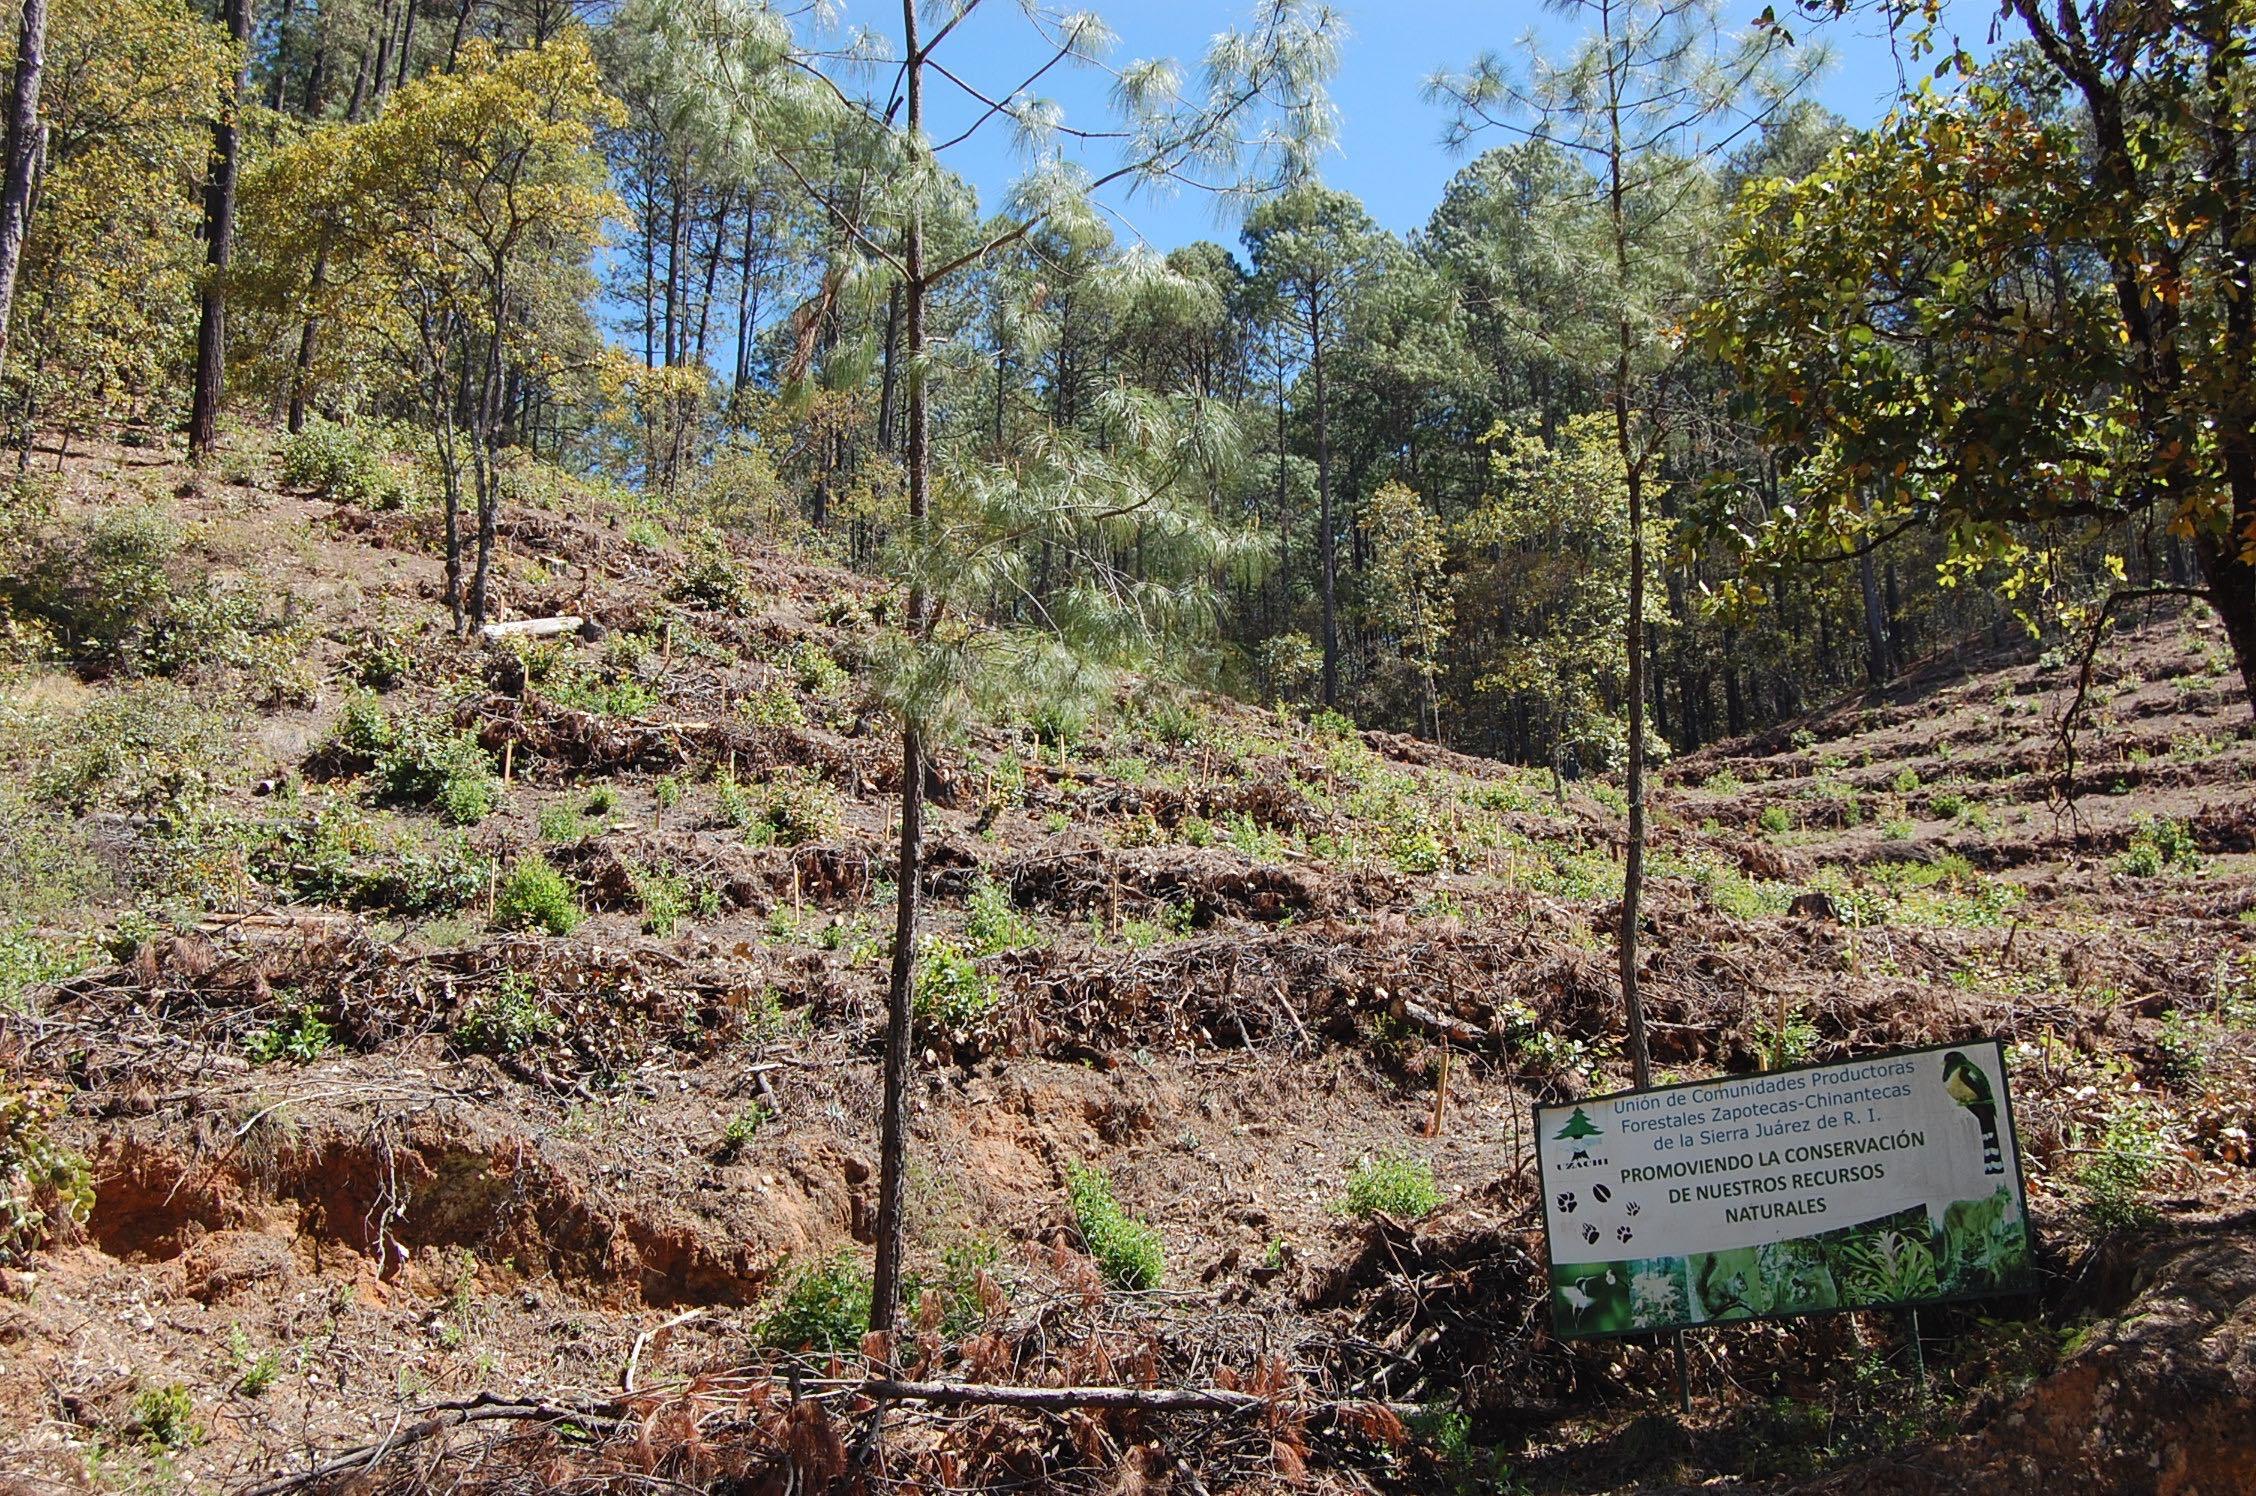 Comunidad forestal en Capulálpam